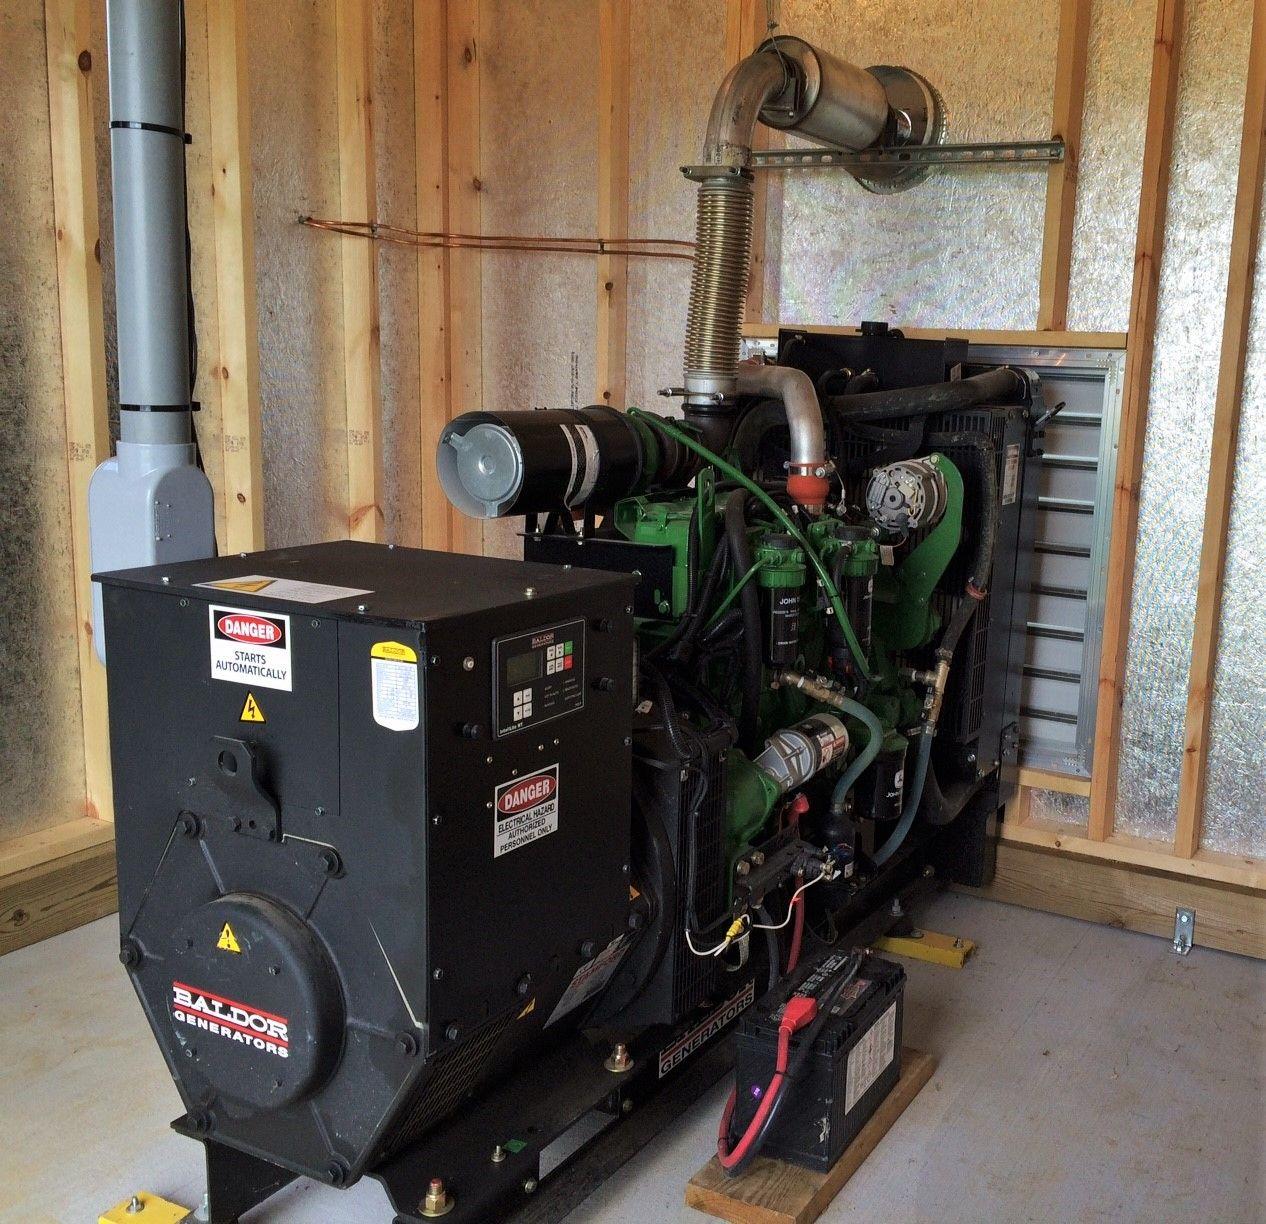 Poultry Generator Shed Gen Shed Install Byler Barns Generator Shed Shed Generator Installation